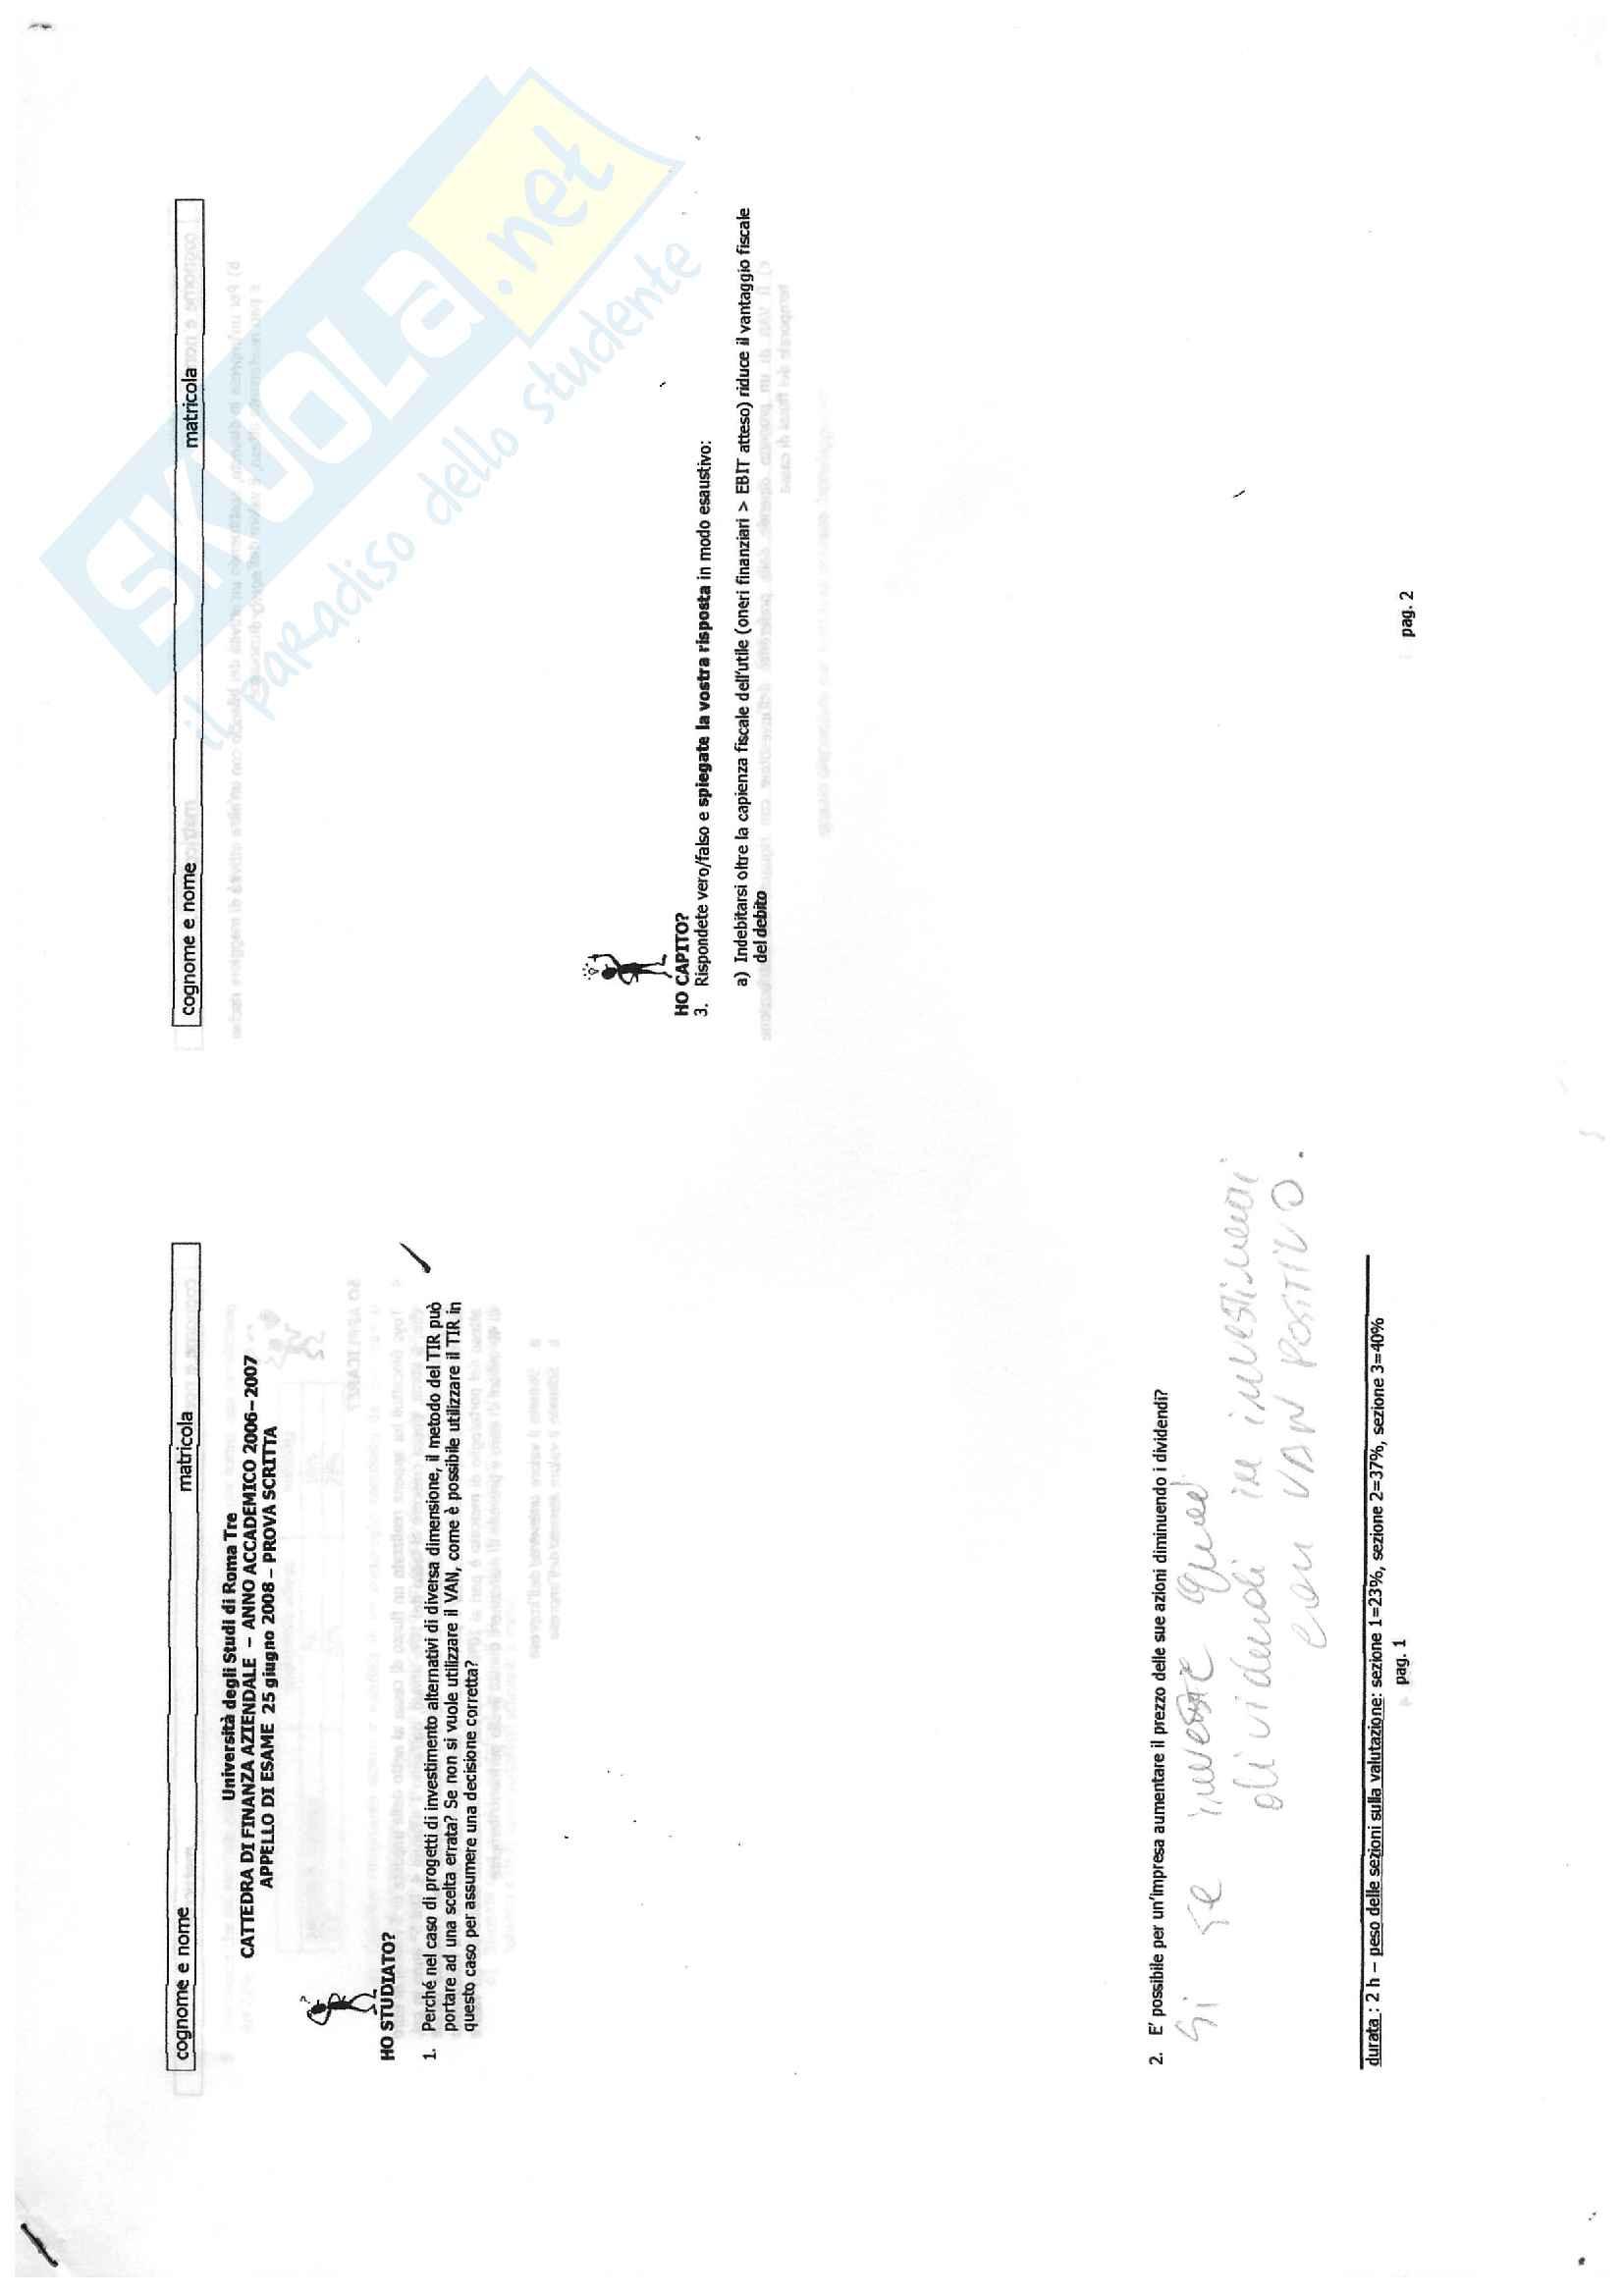 Finanza aziendale - esercizi svolti e soluzioni compito scritto Pag. 41